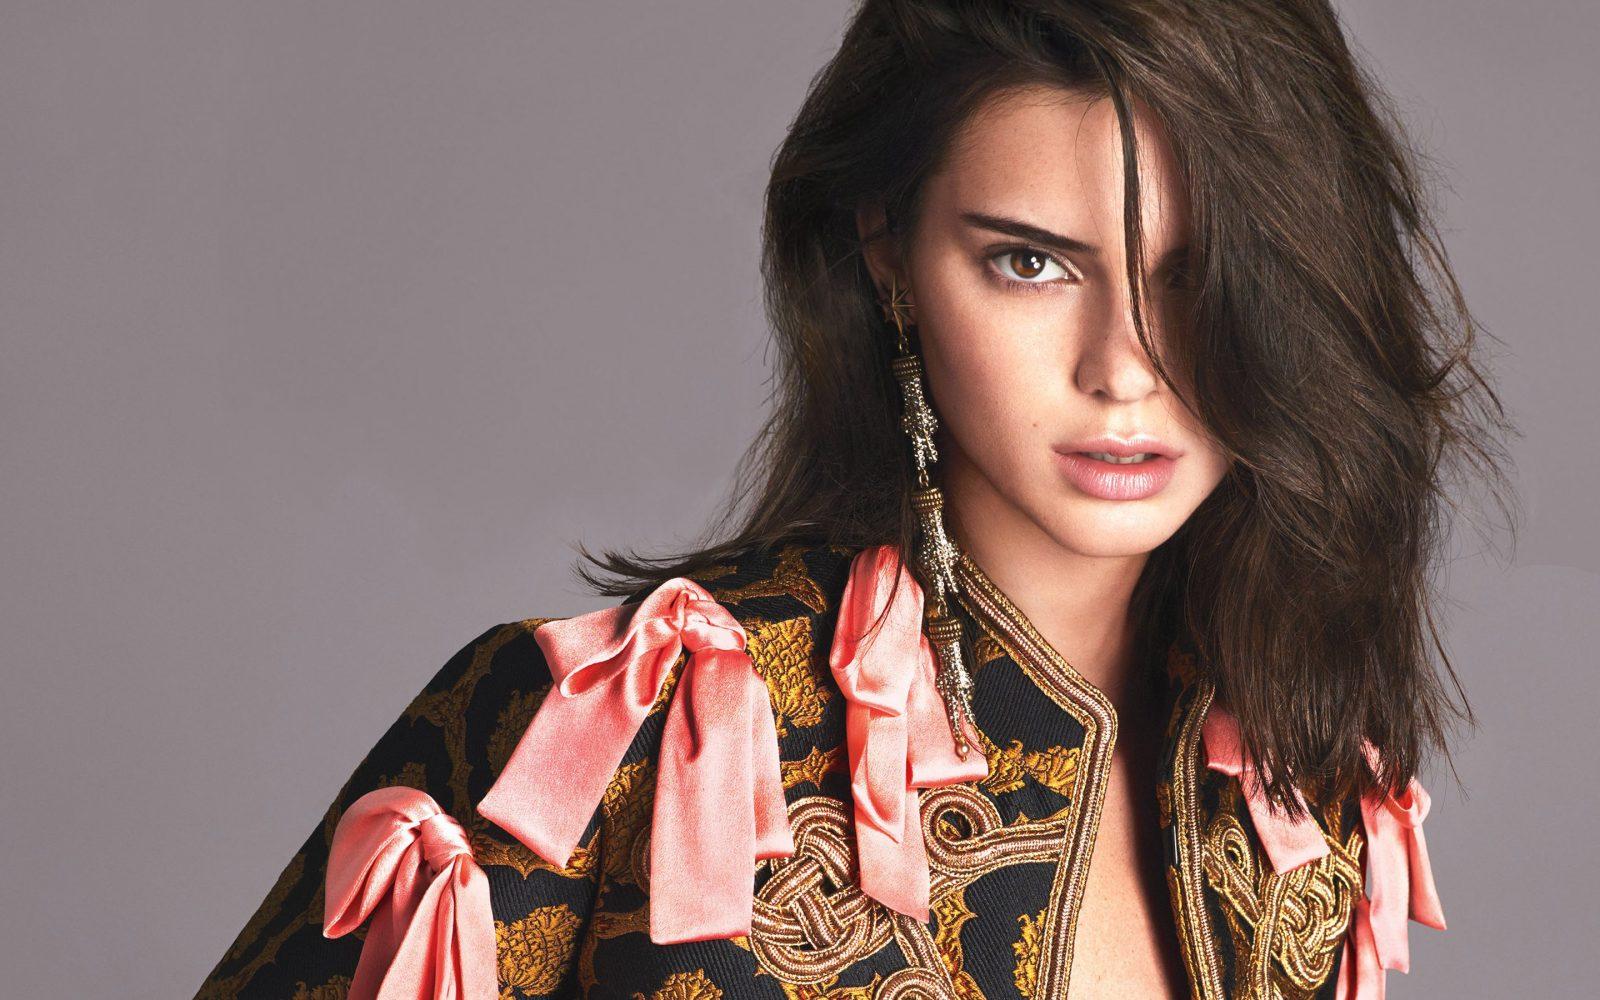 Làm đẹp với Kendall Jenner